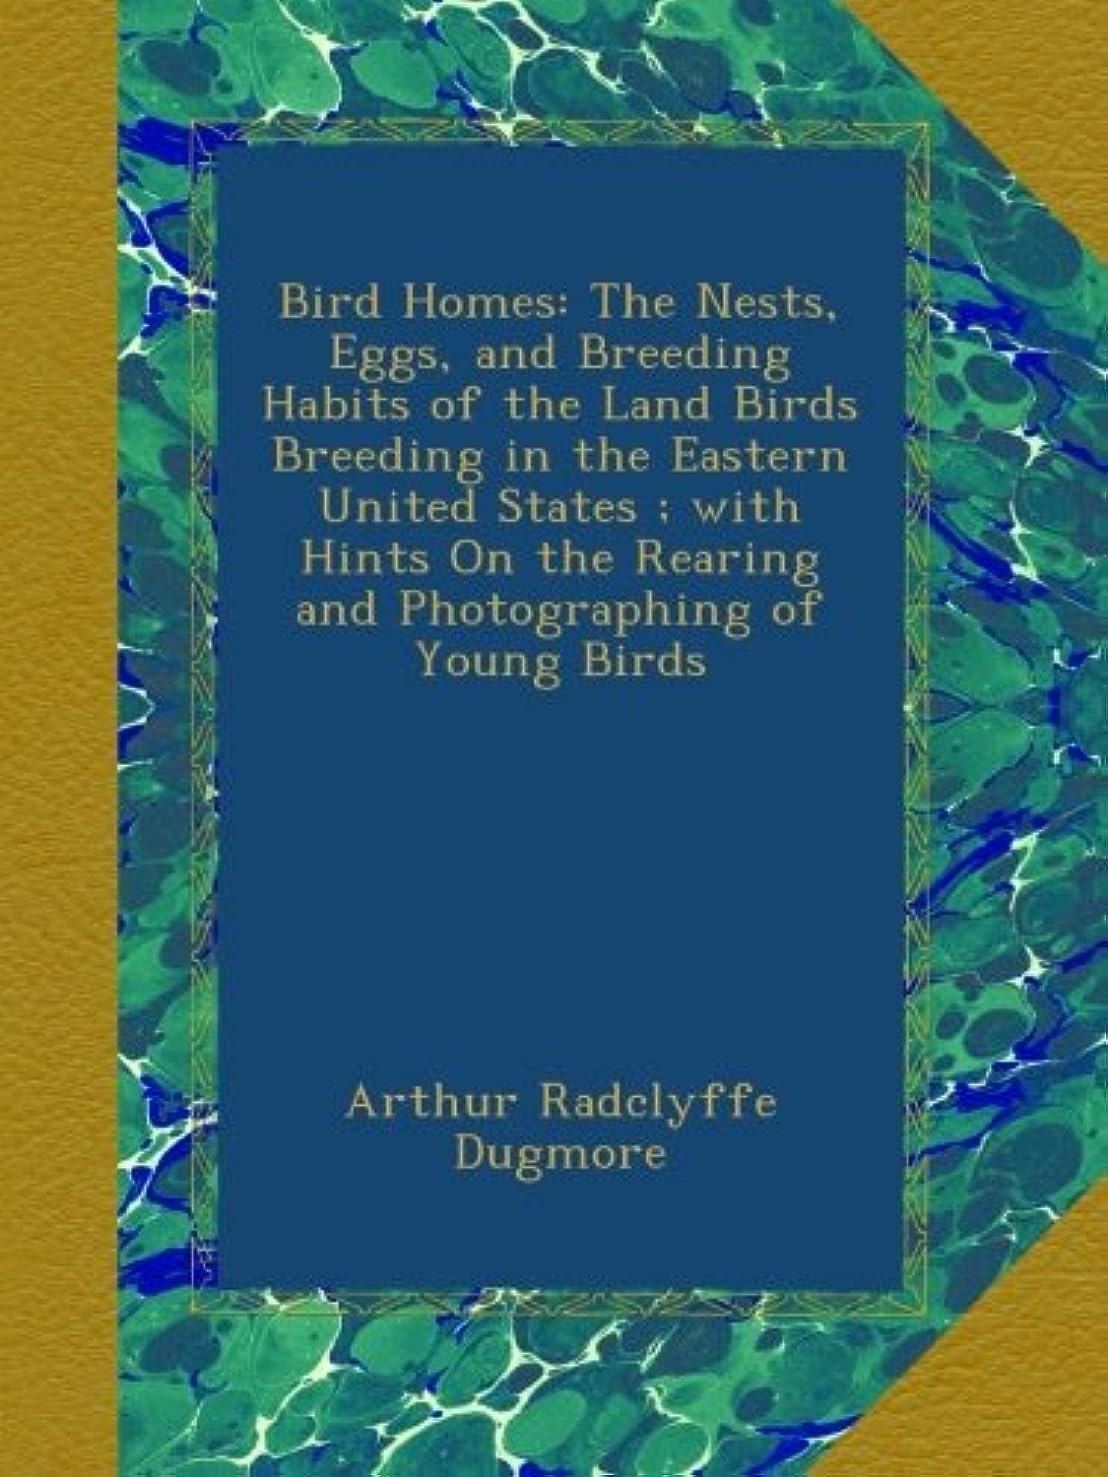 懐疑論検出器原点Bird Homes: The Nests, Eggs, and Breeding Habits of the Land Birds Breeding in the Eastern United States ; with Hints On the Rearing and Photographing of Young Birds